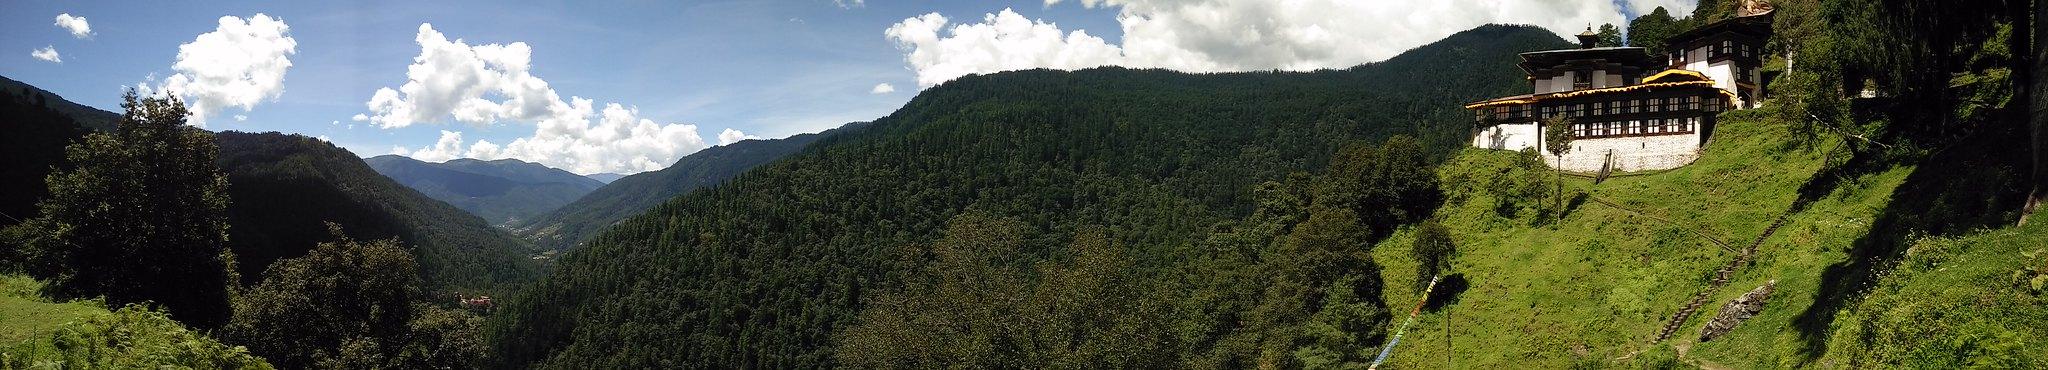 10 dieu ve bhutan trip (15)